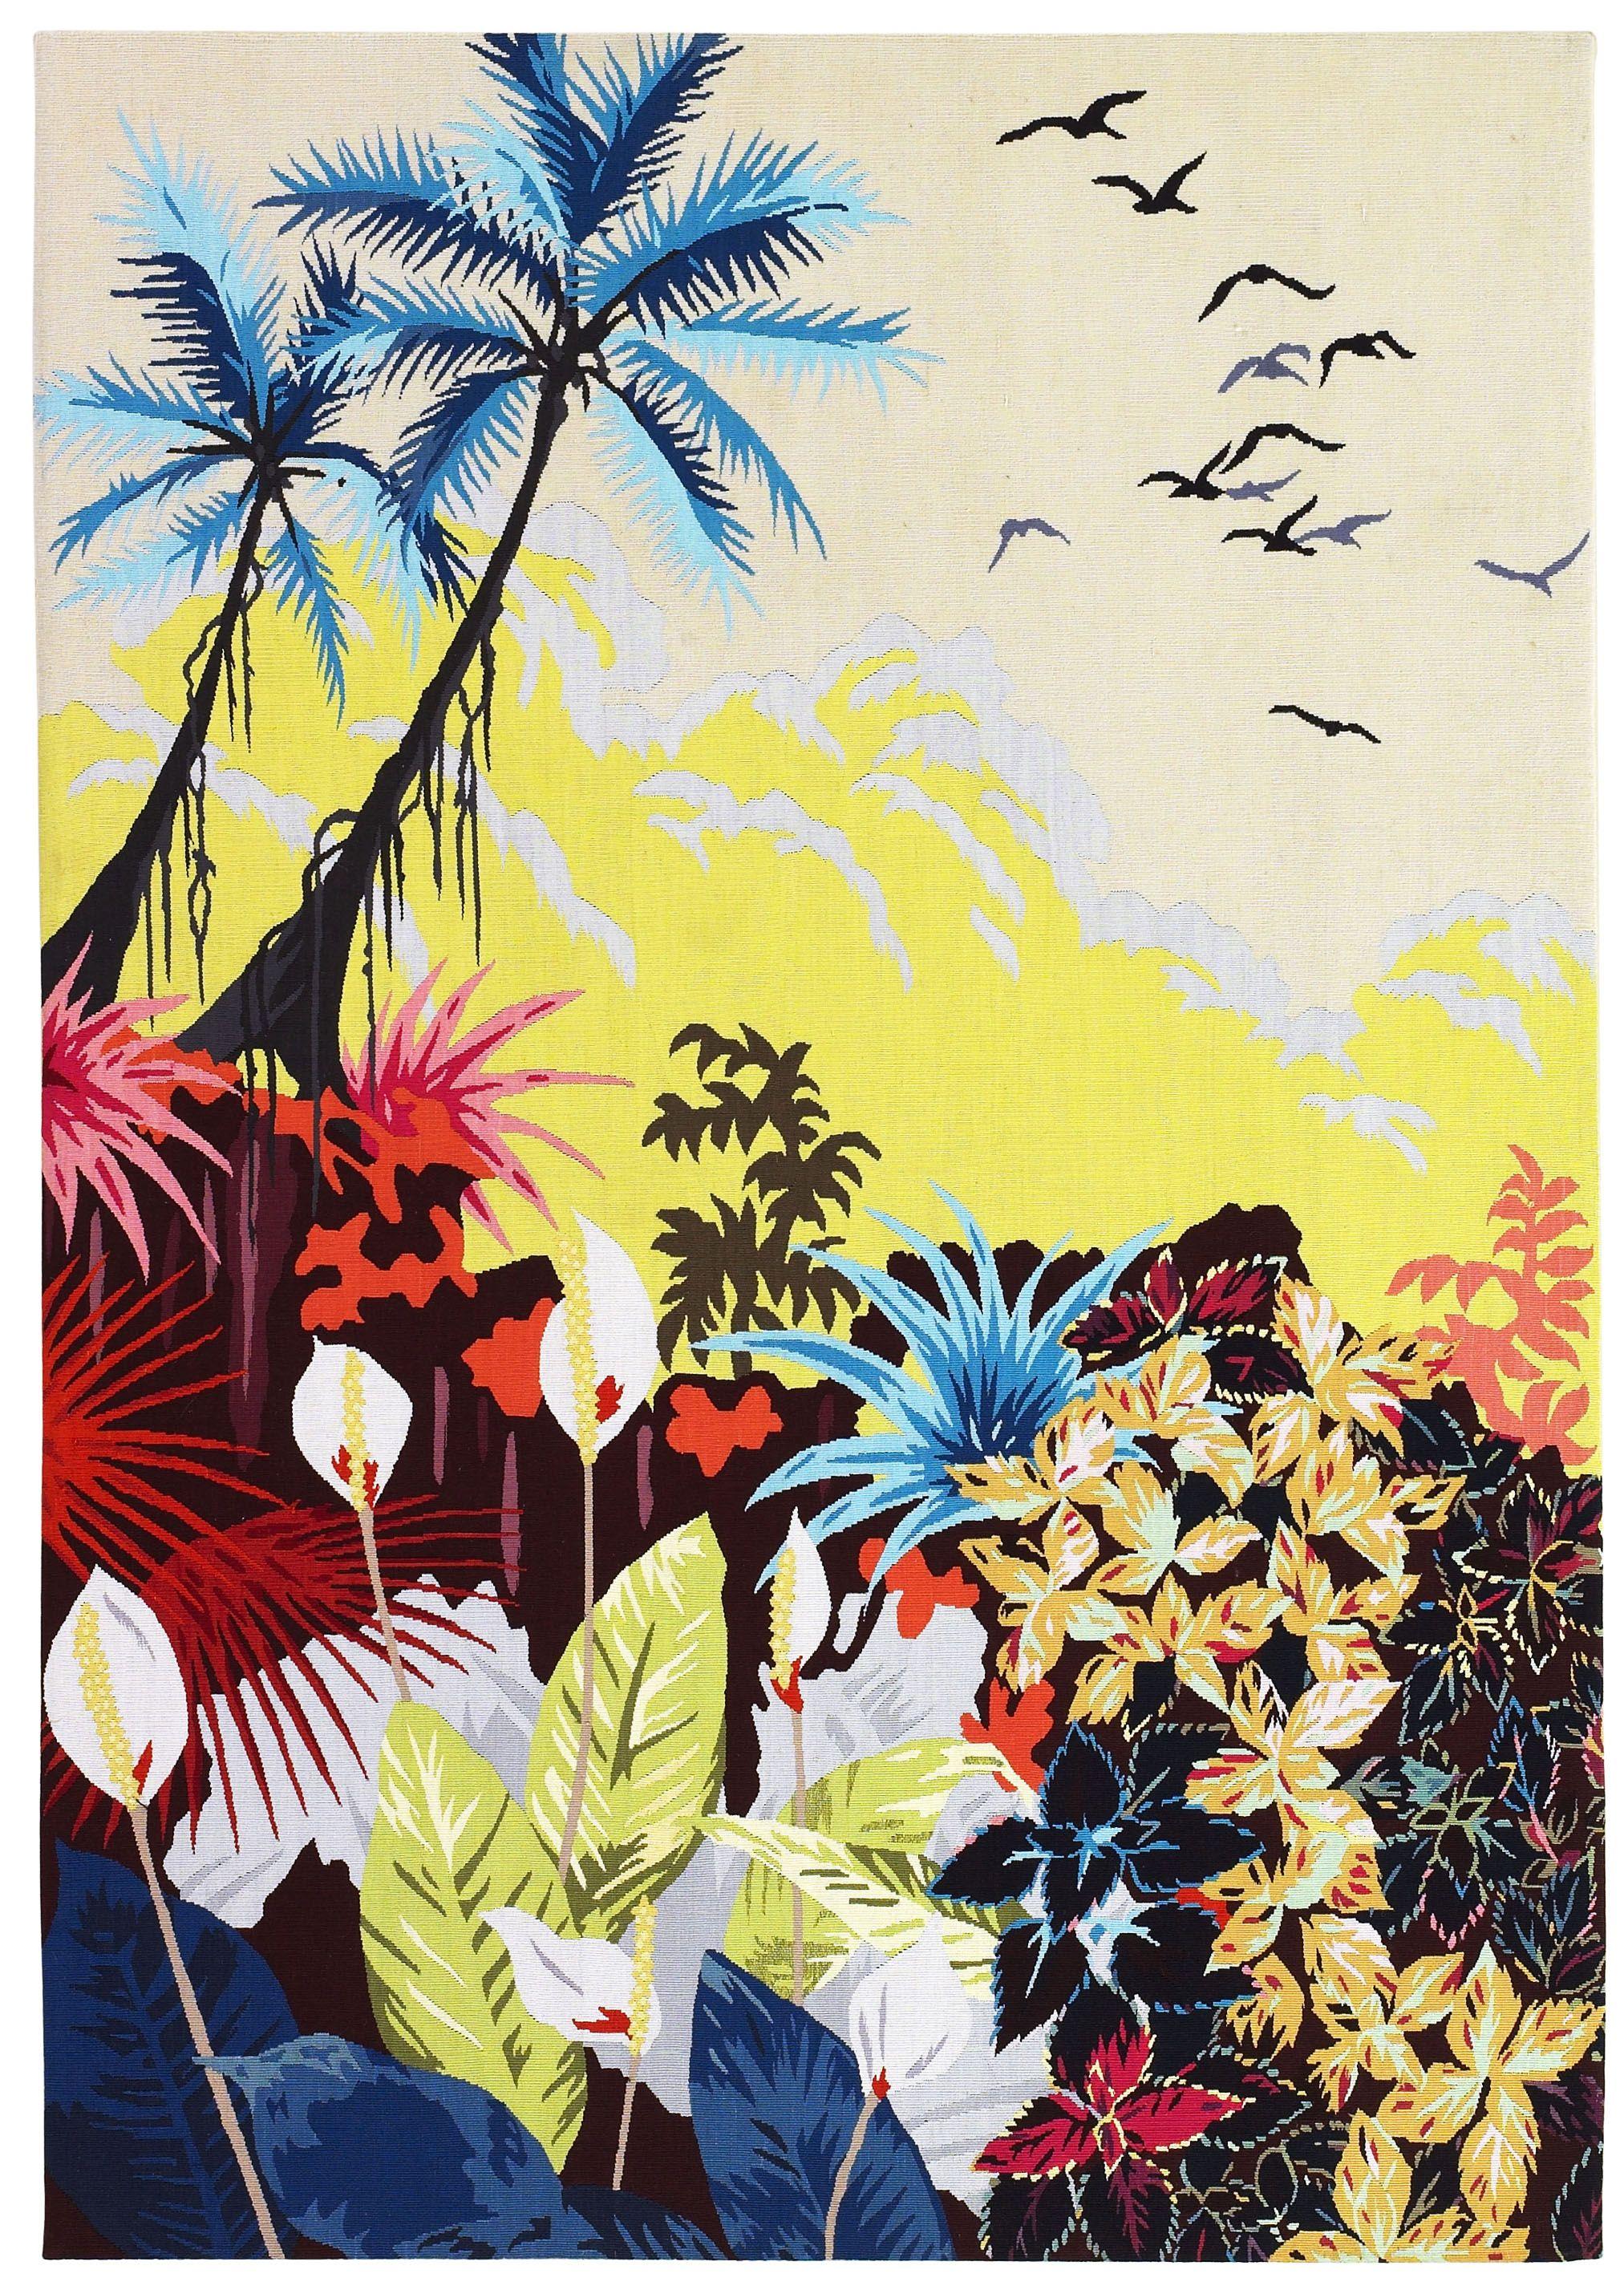 Trend Alert: Tropical Motifs | Wall hangings, Verandas and Concept art